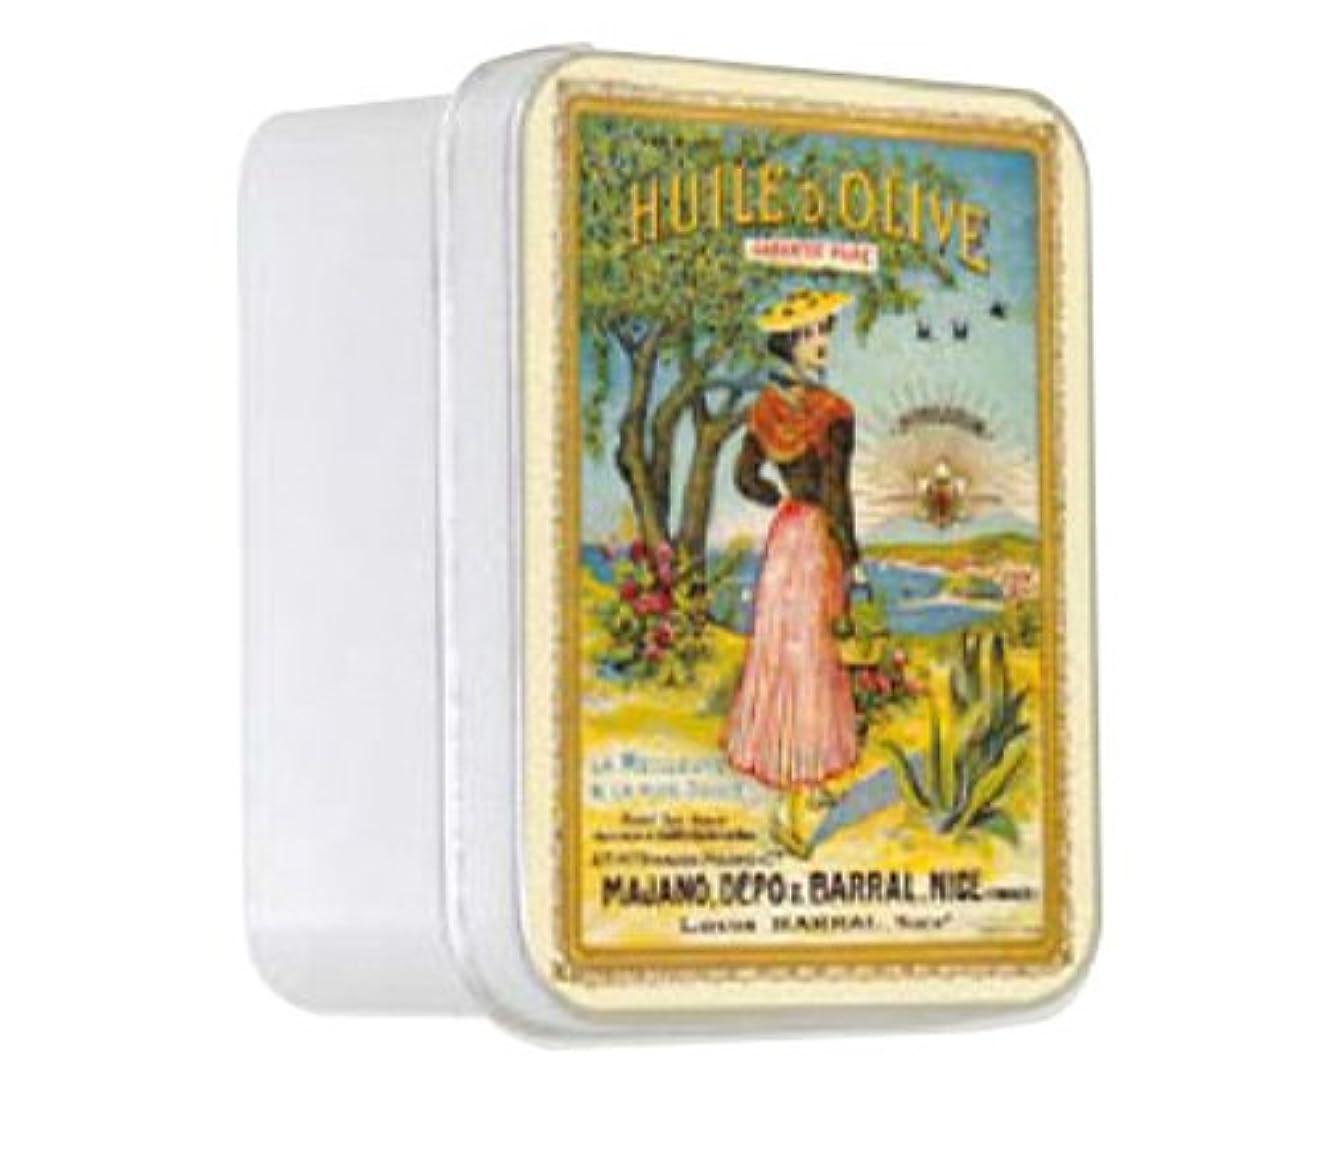 紛争潜在的なポインタルブランソープ メタルボックス(ラ ニソワーズ?オリーブの香り)石鹸